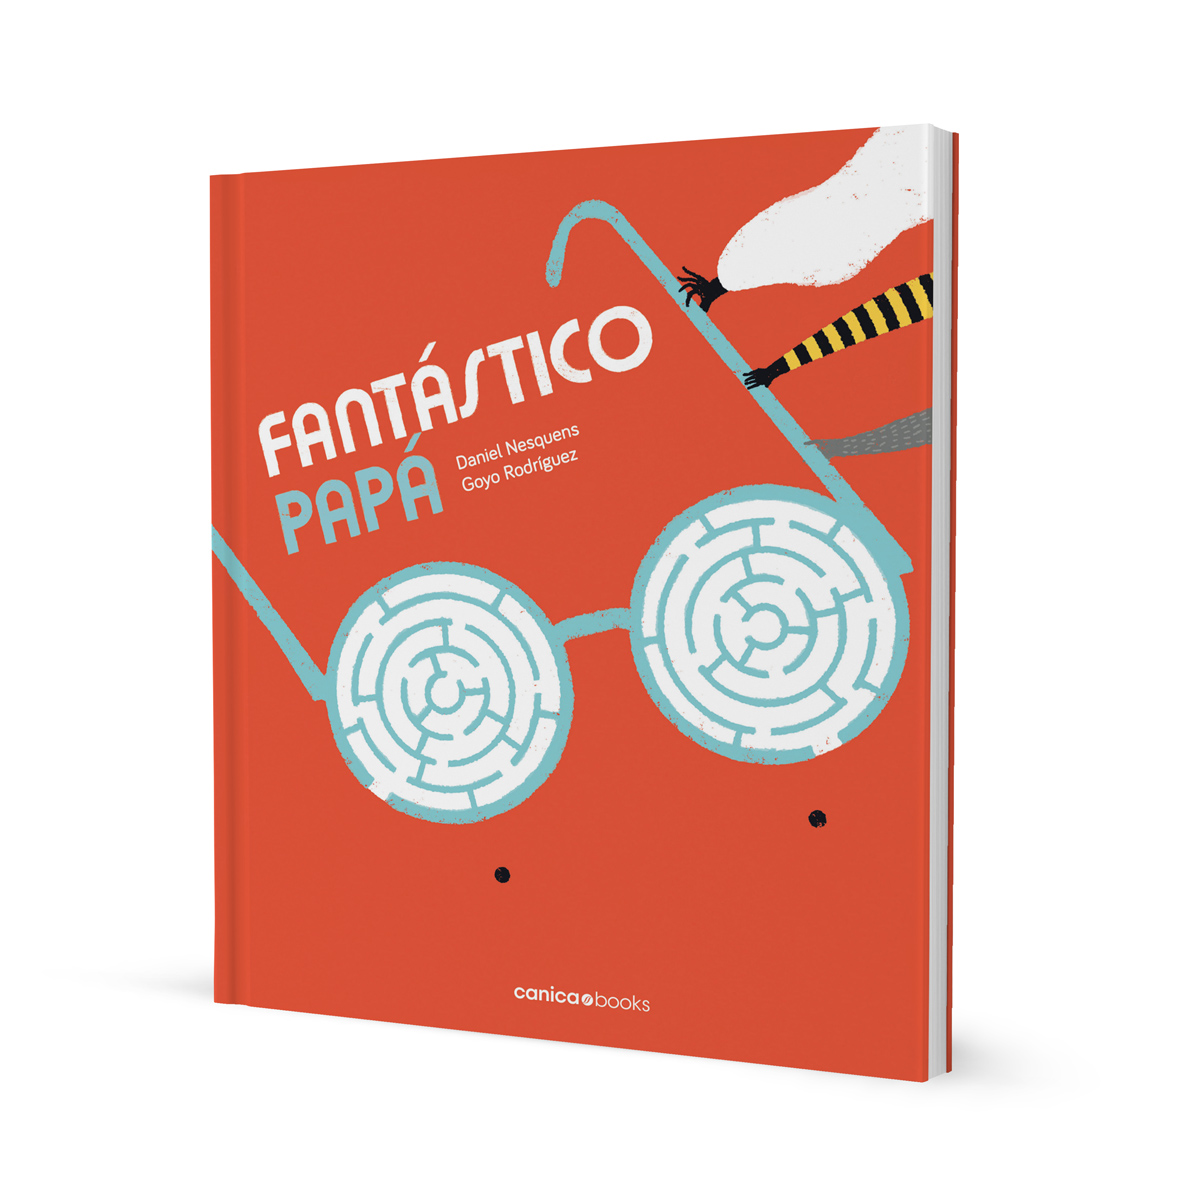 Fantástico Papá. Libros infantiles ilustrados por Goyo Rodríguez